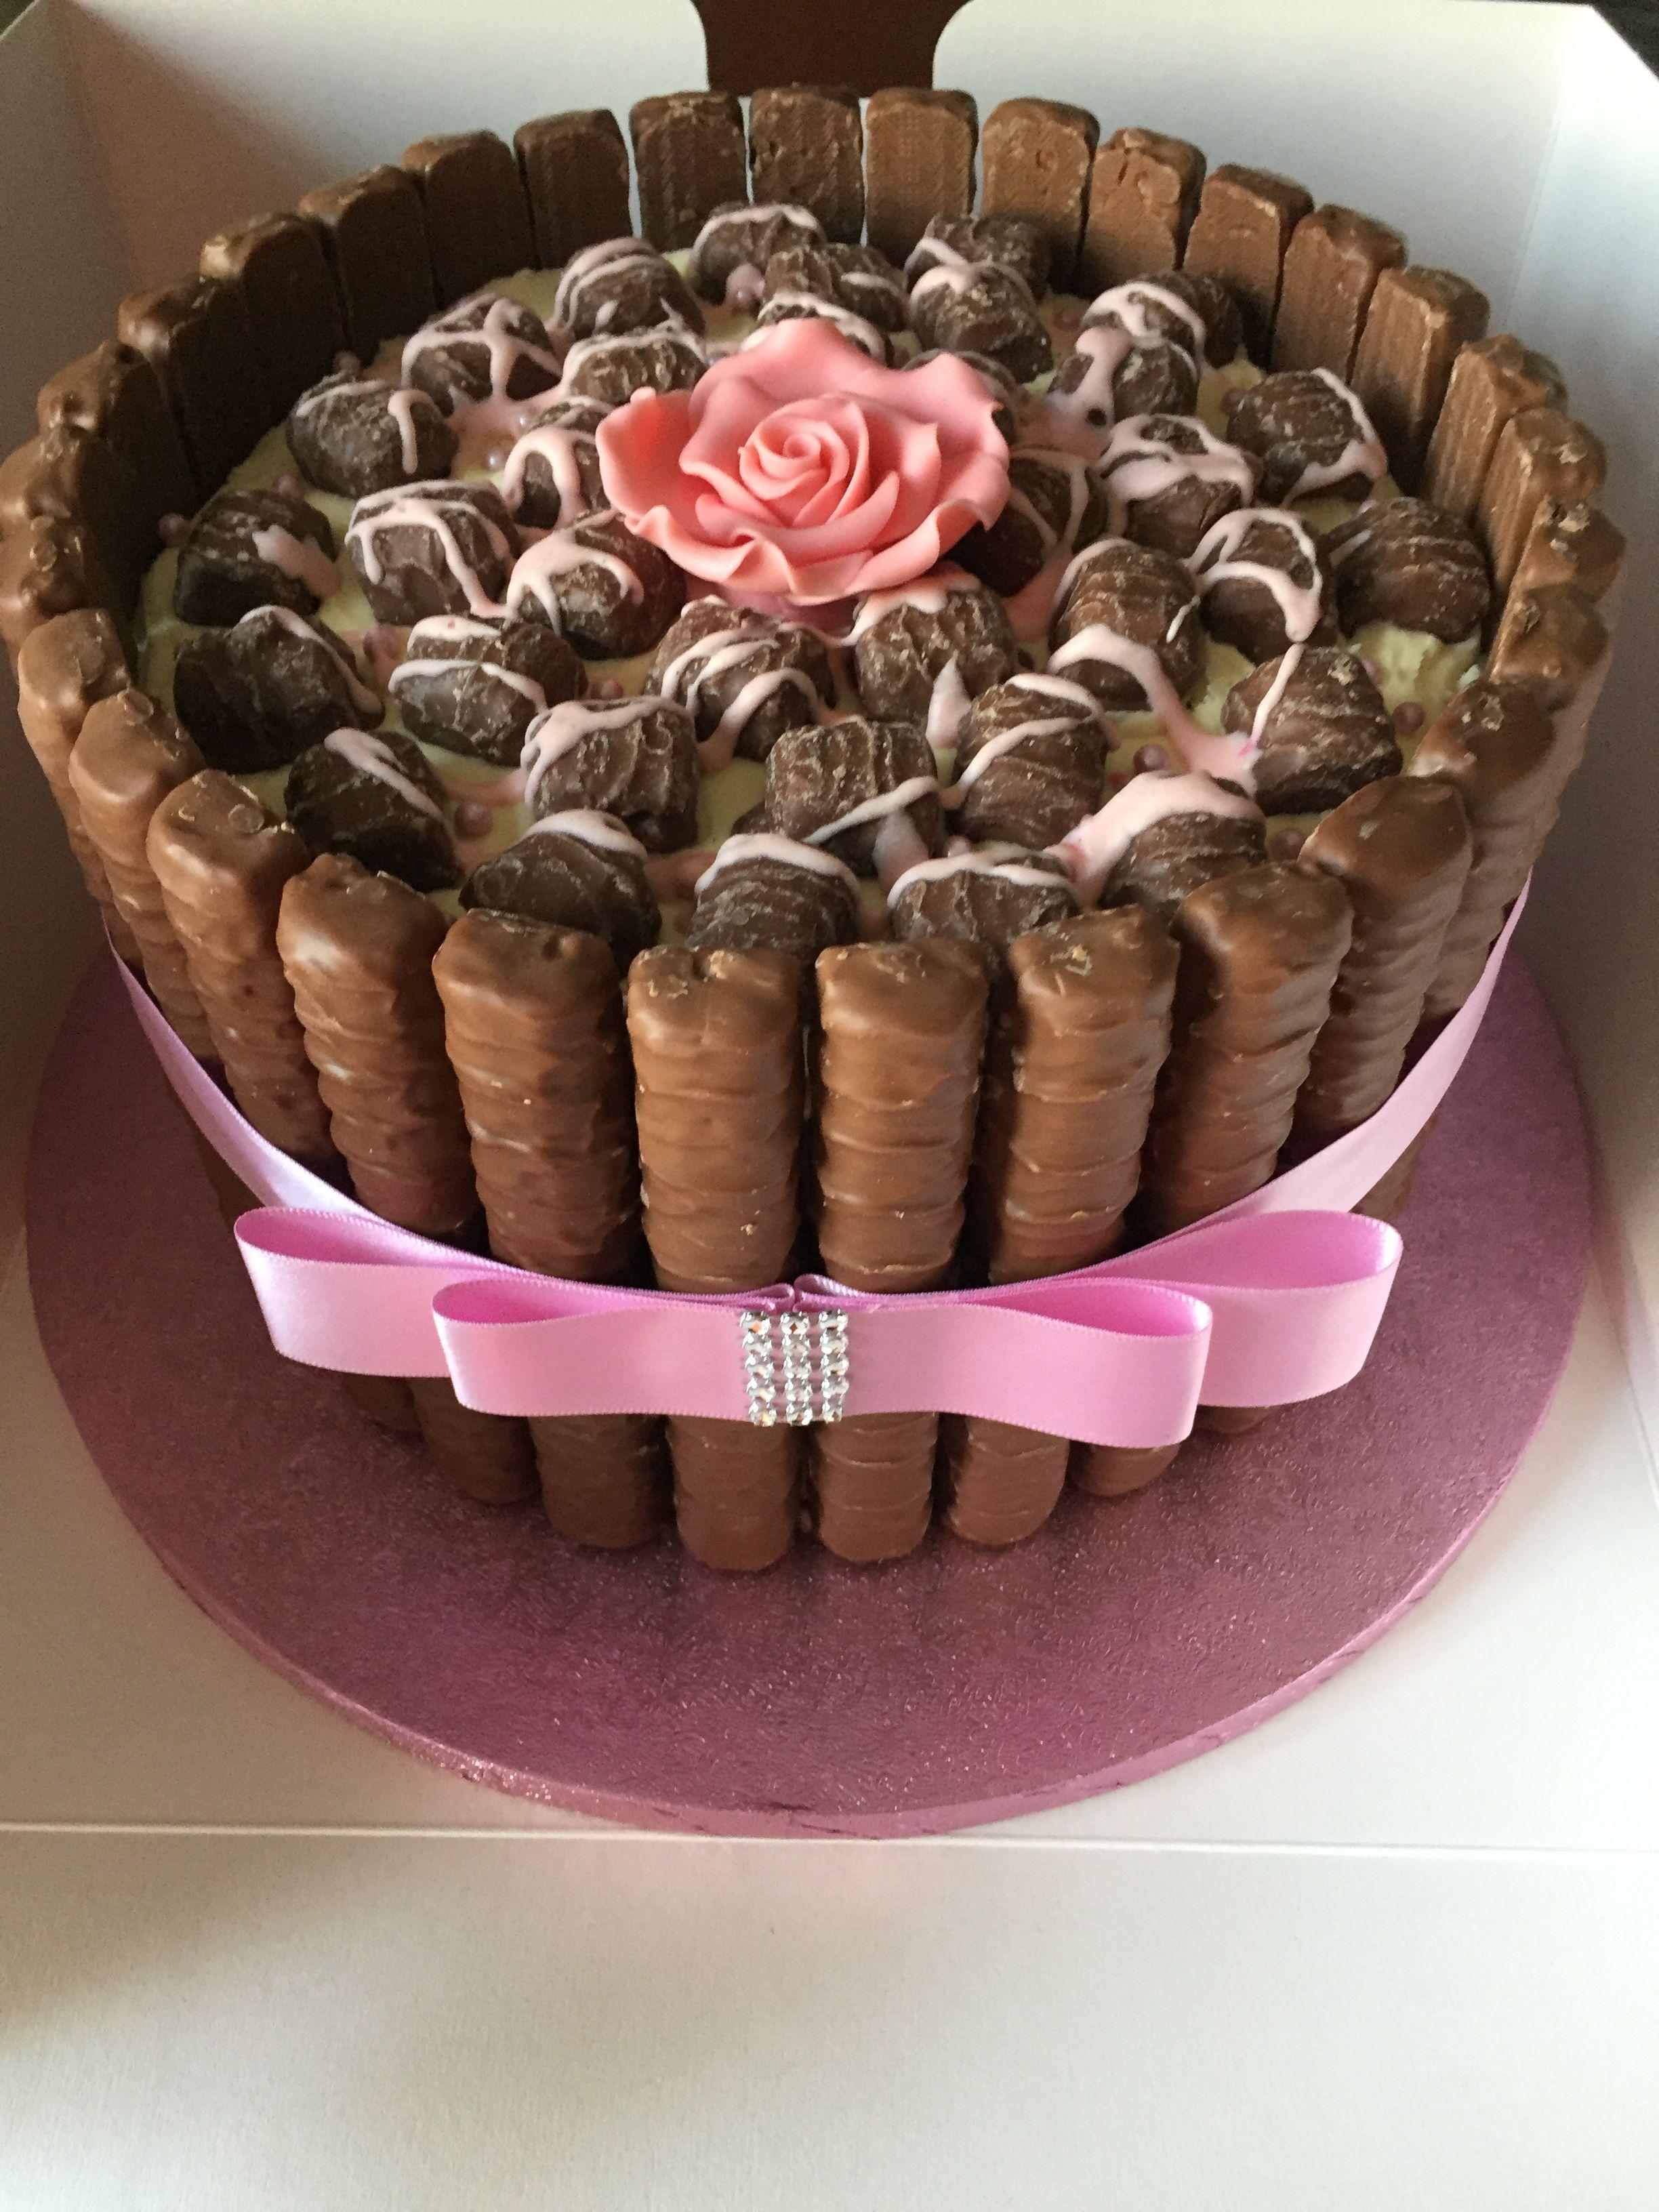 Sensational Twix Birthday Cake By Dawn With Images Twix Cake Birthday Funny Birthday Cards Online Fluifree Goldxyz